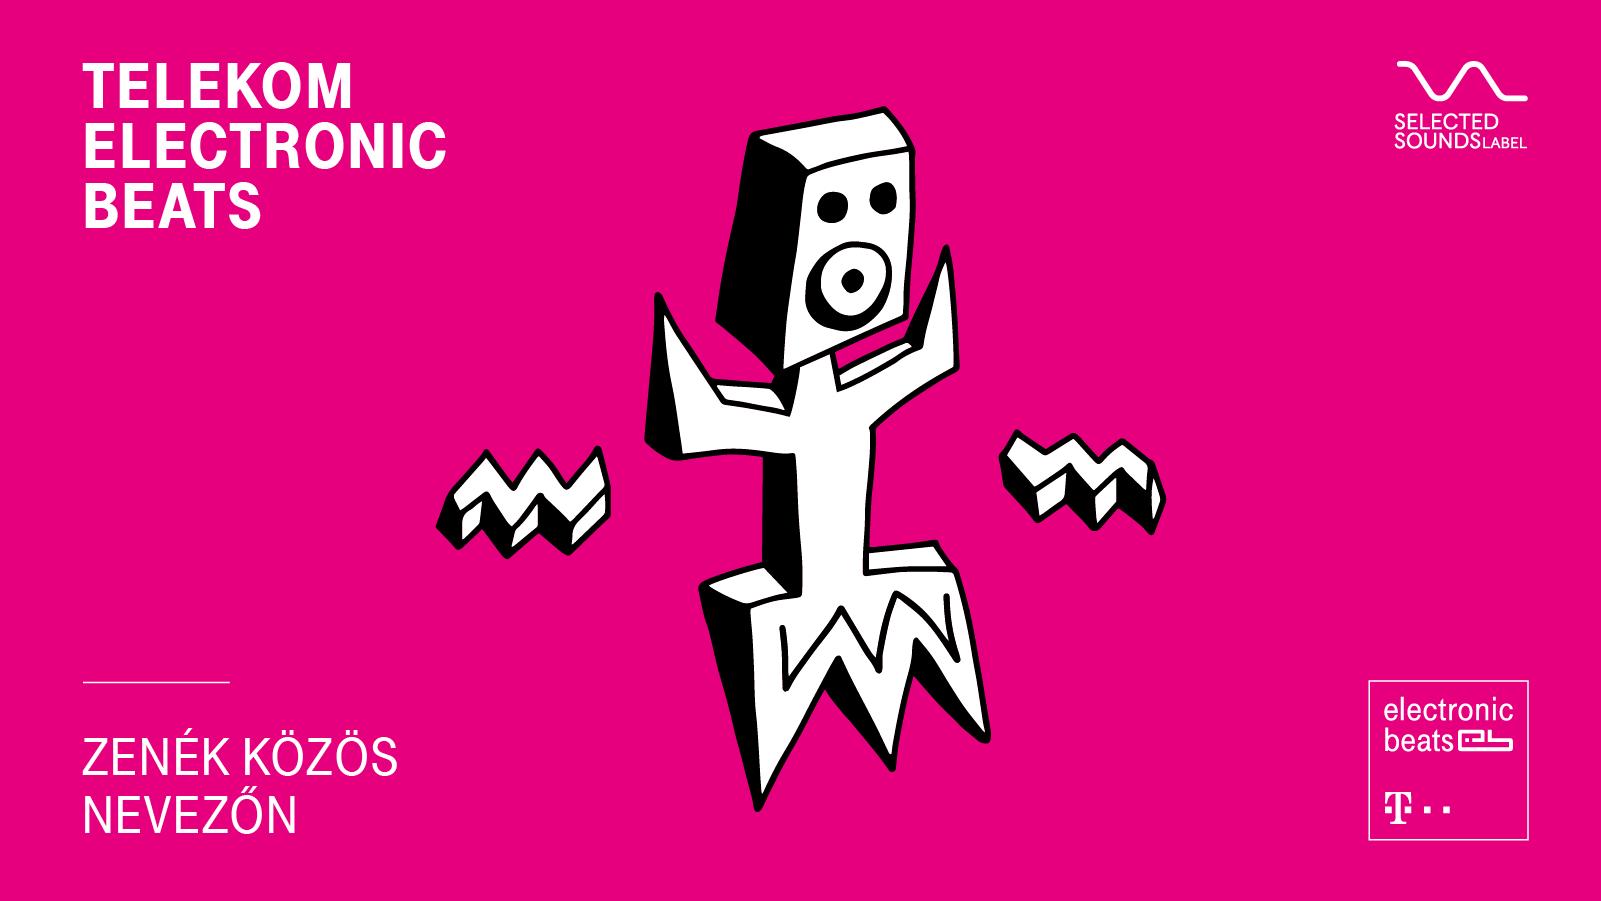 Zenék közös nevezőn: a Telekom Electronic Beats keresi a legjobb zenéket, amik az otthonmaradás alatt készültek